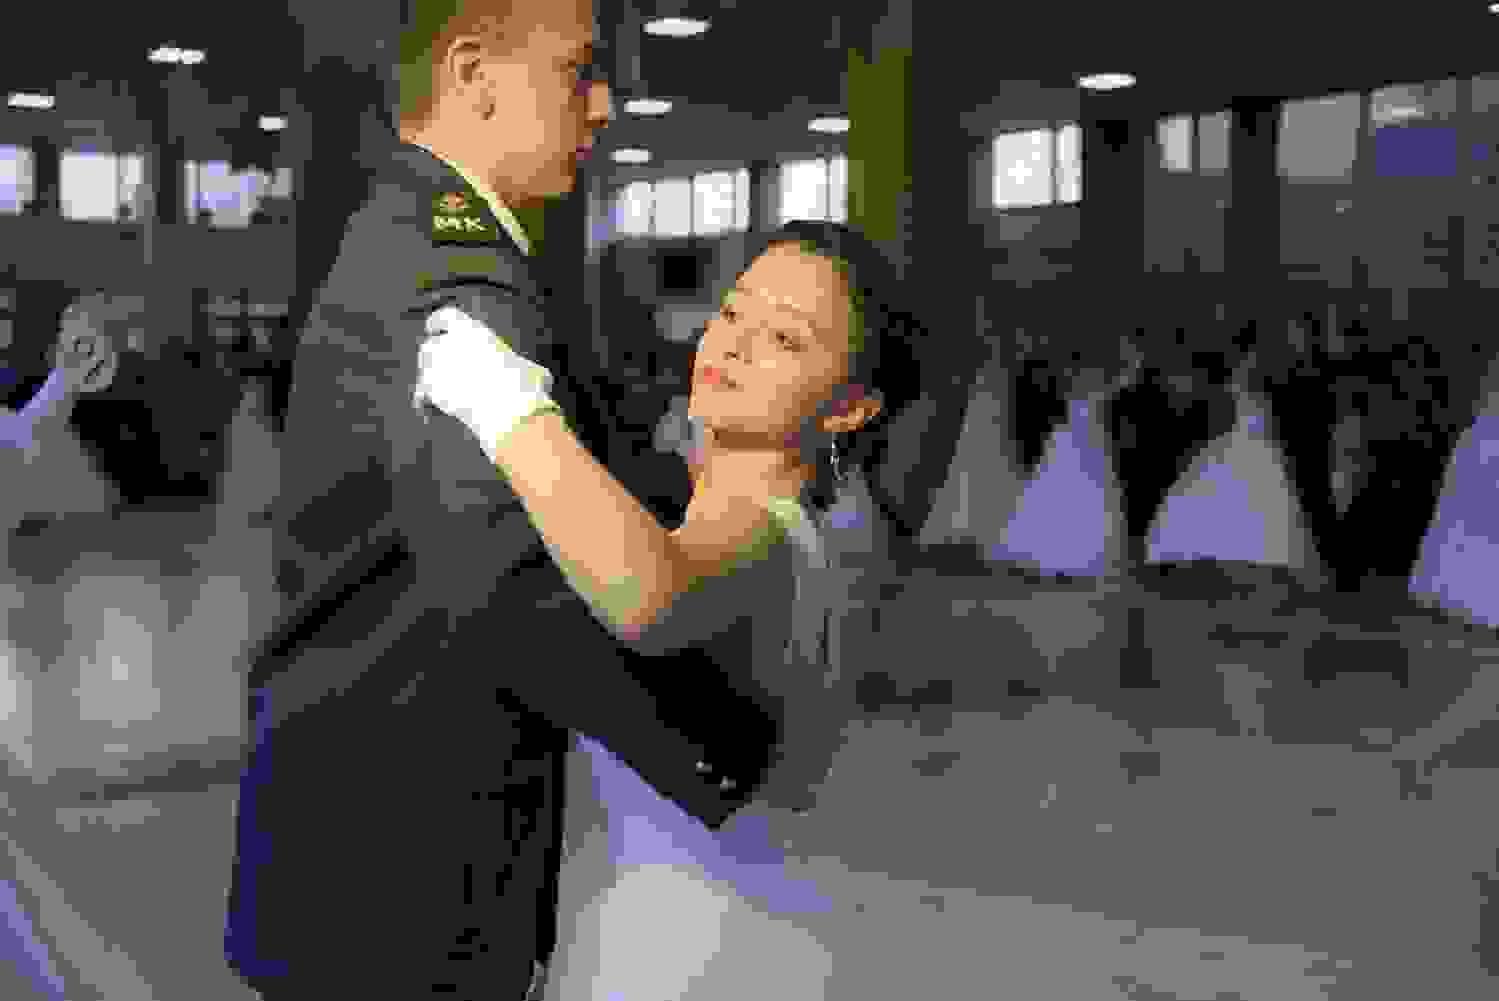 В Новороссийске прошел Сретенский бал: молодежь танцевала полонез, вальс и мазурку